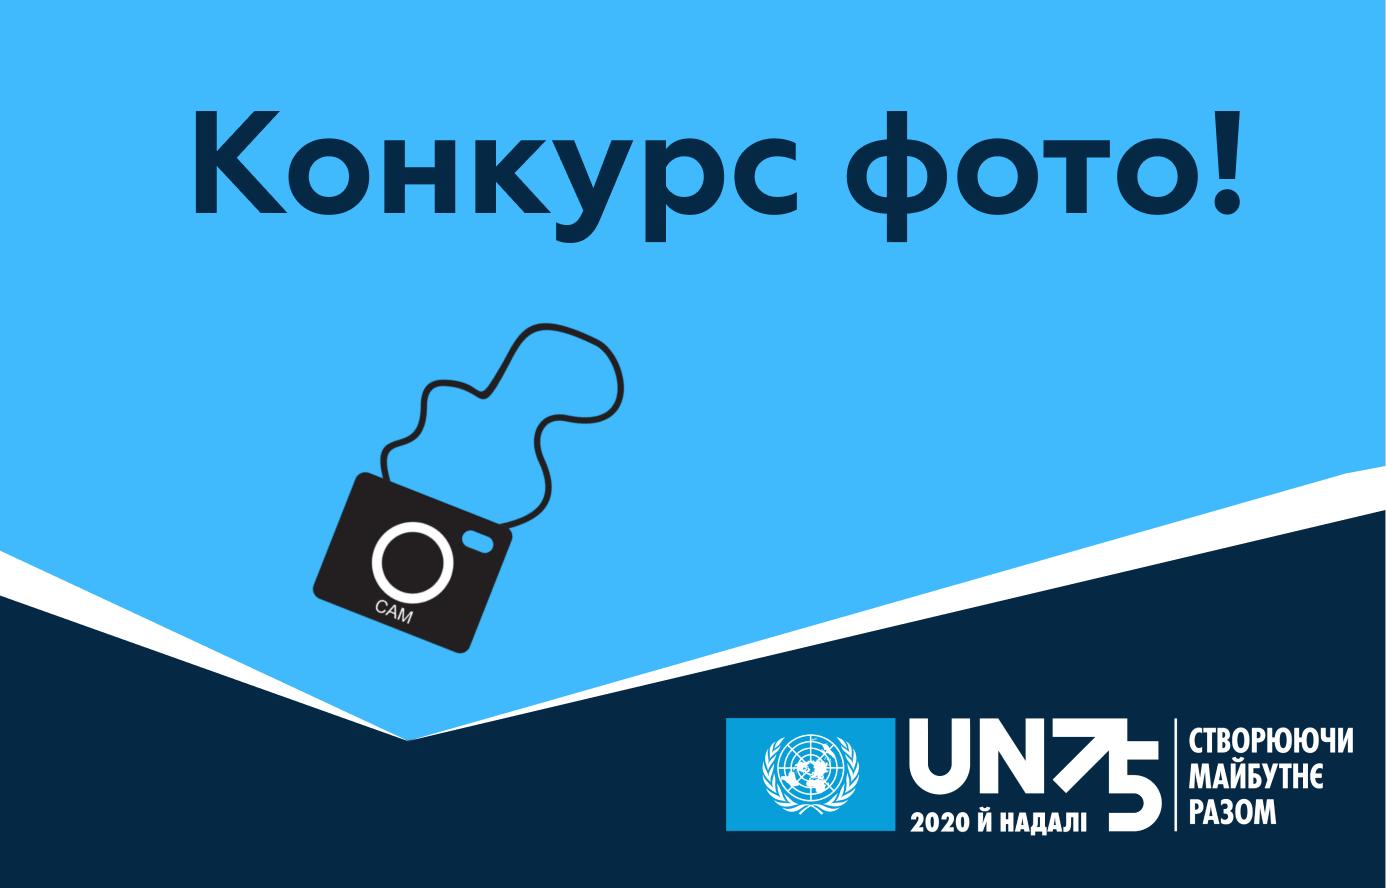 Конкурс фото до 75-річчя ООН!